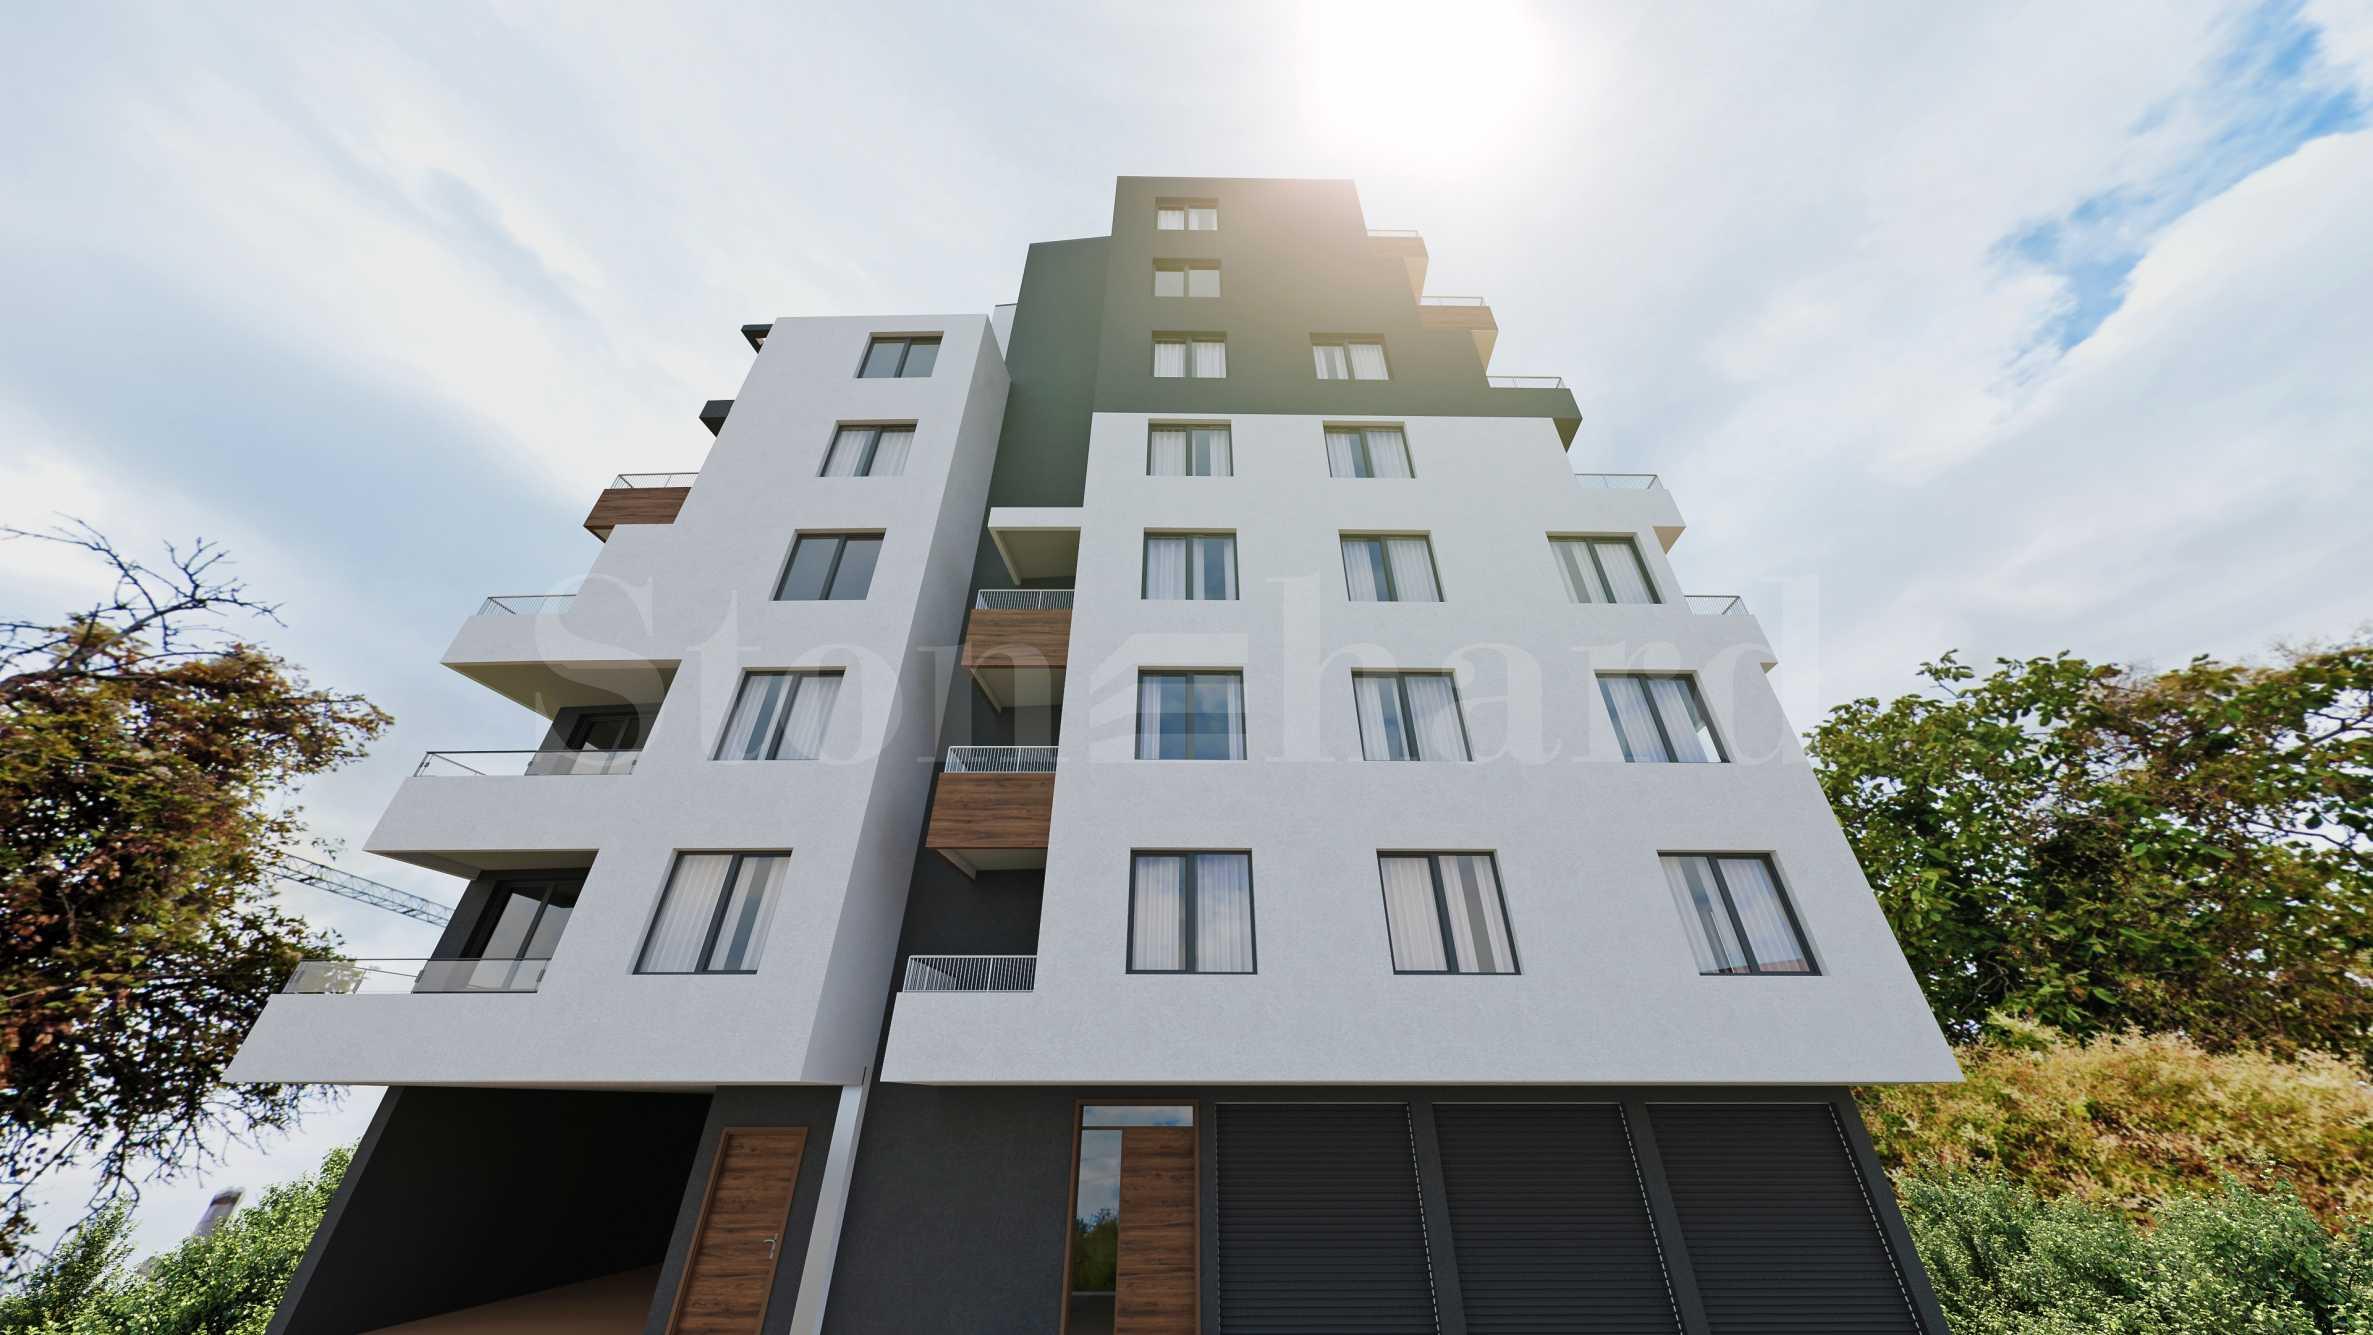 Апартаменти ново строителство, гаражи и паркоместа в м-т Пчелина1 - Stonehard